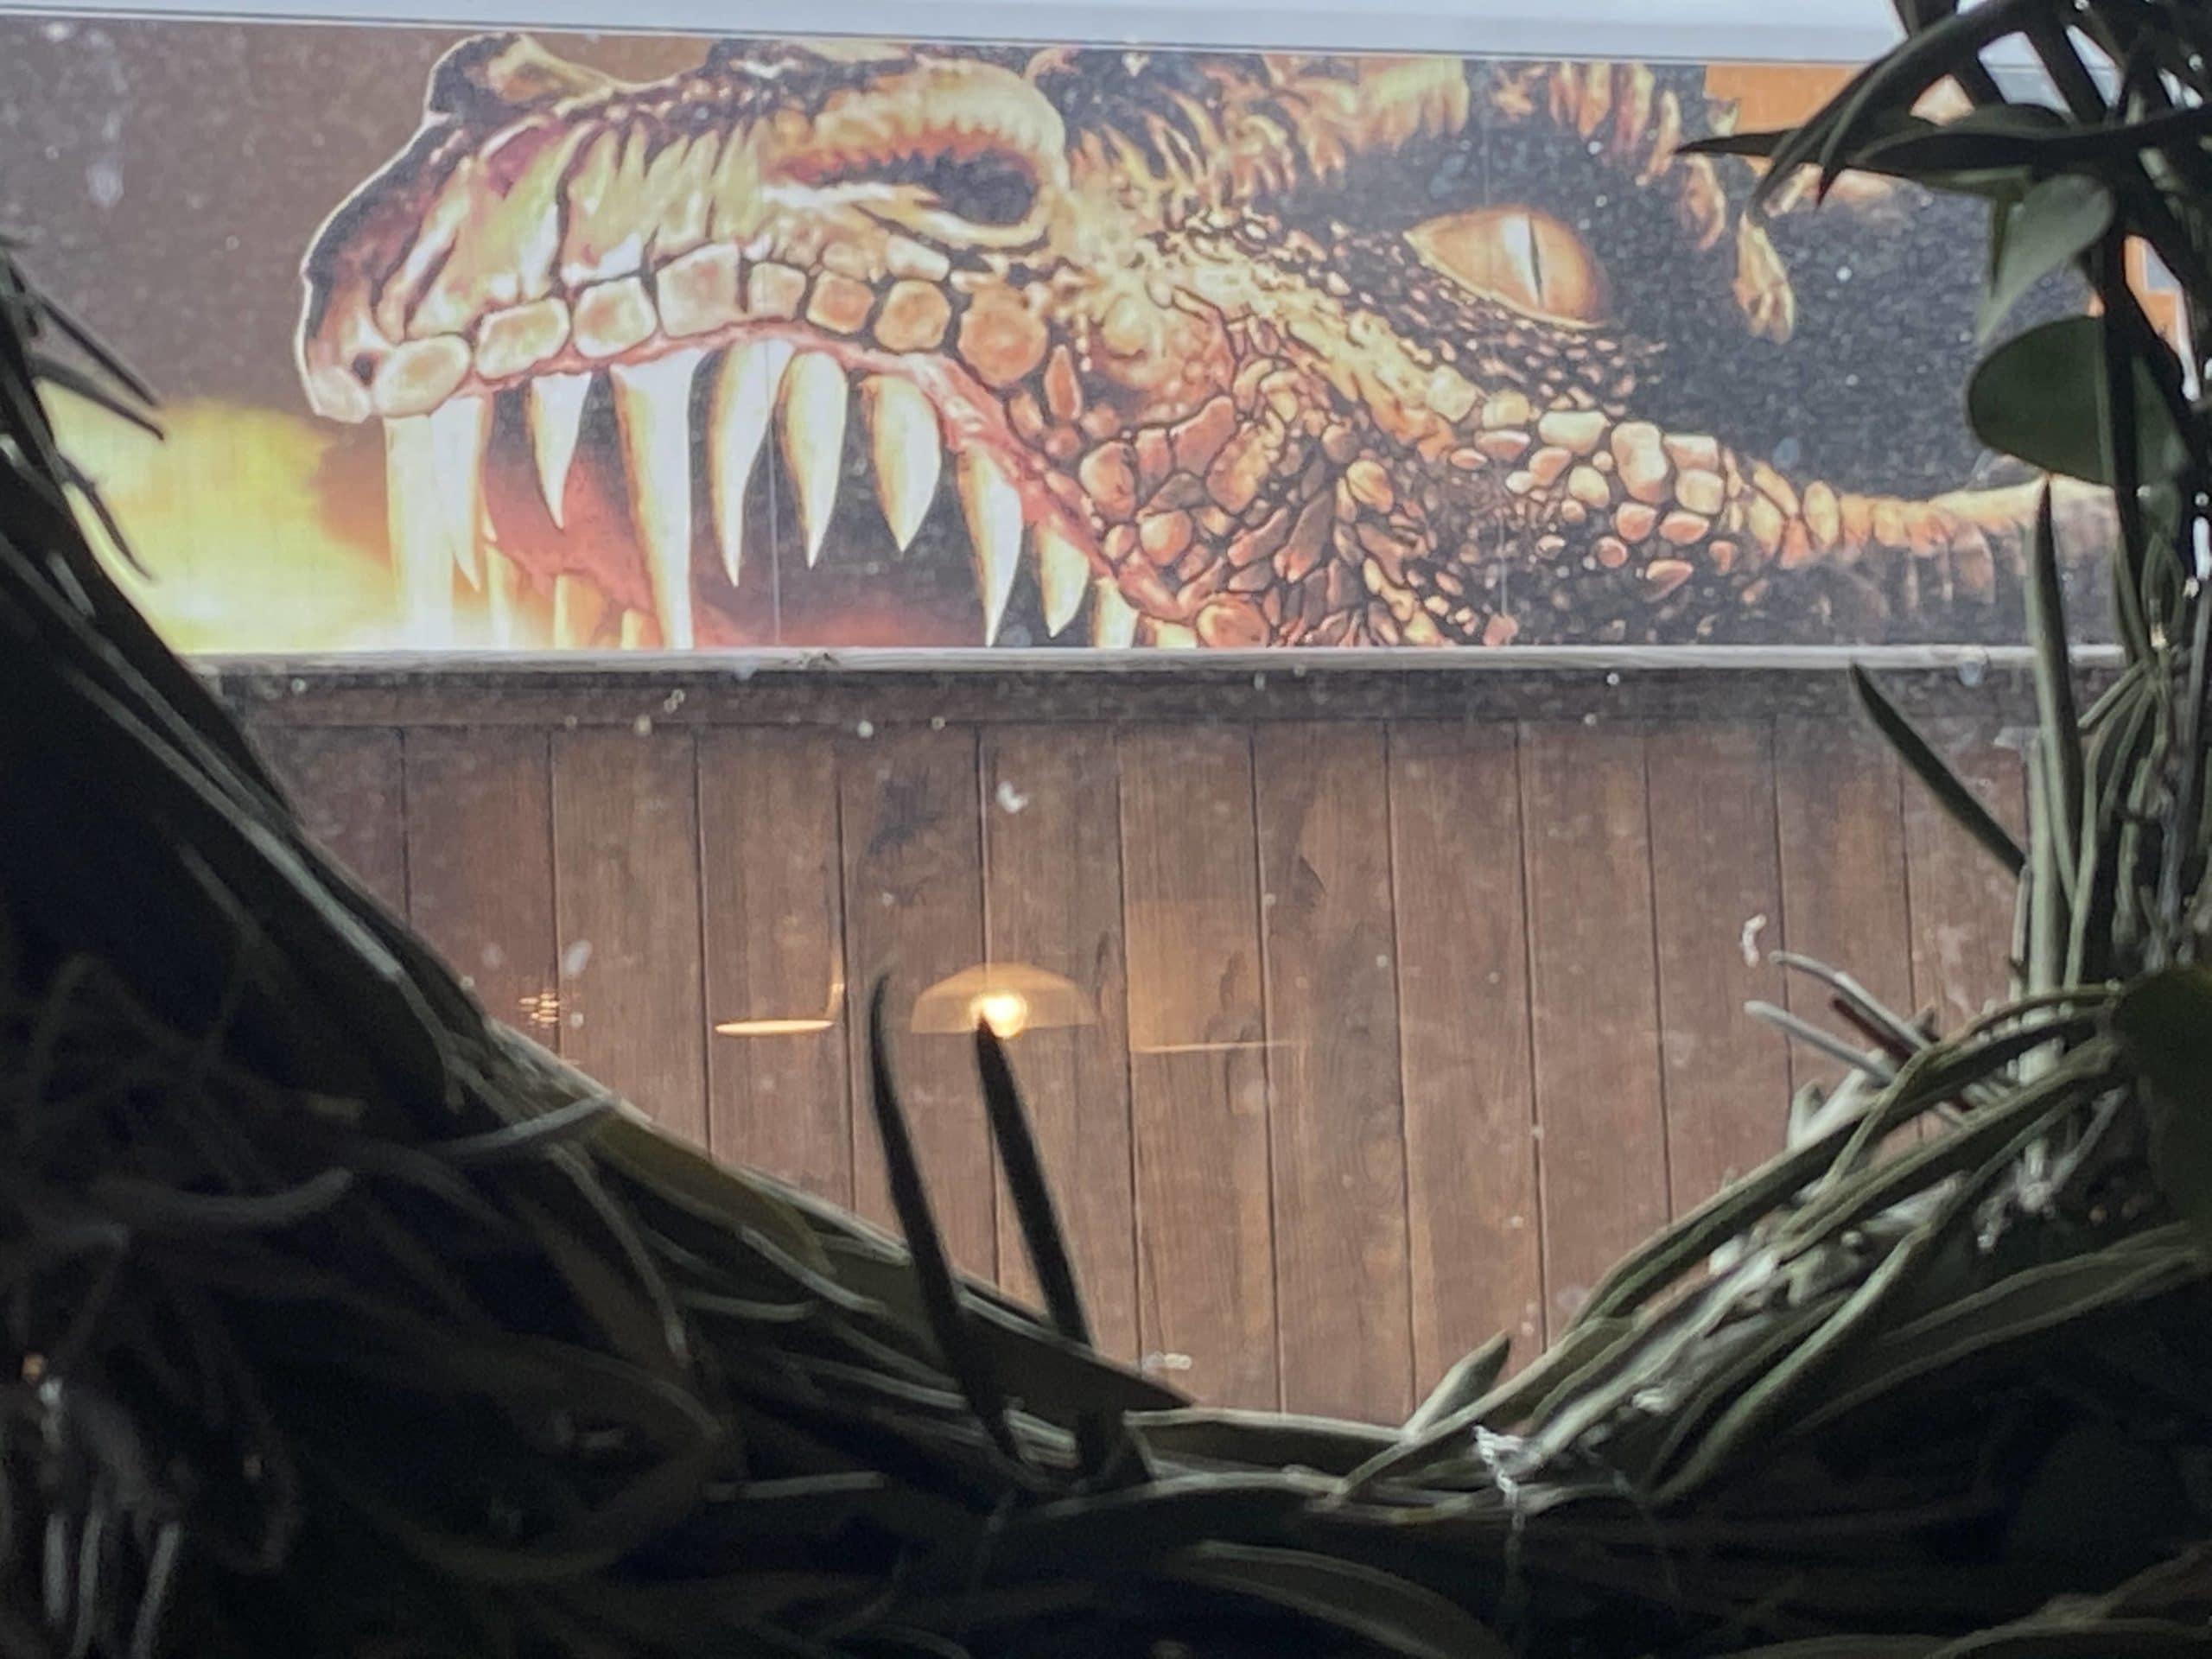 #10 Ich besiege ein paar Drachen, zumindest aus dem Fenster heraus.